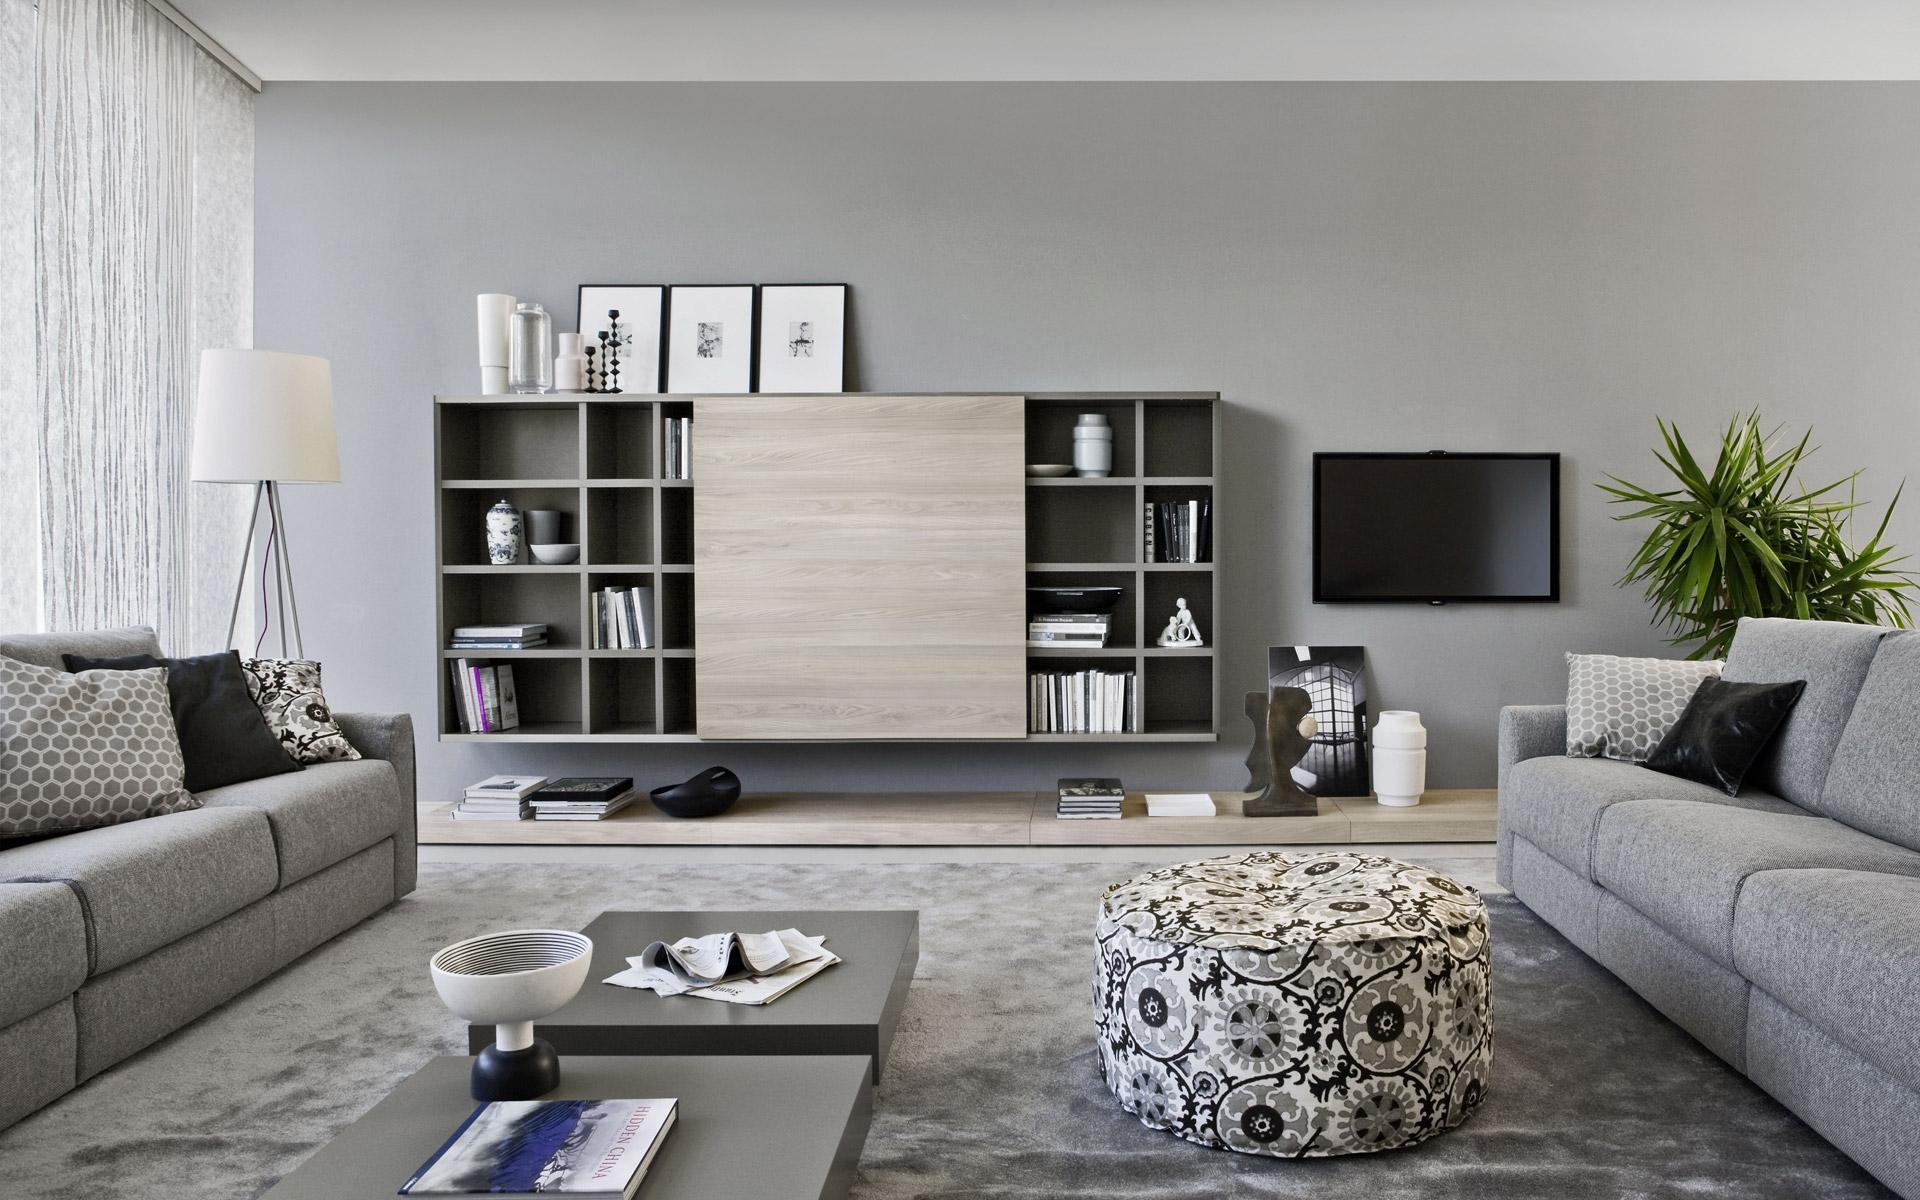 Stunning Arredamento Soggiorni Moderni Ideas - Idee Arredamento Casa ...